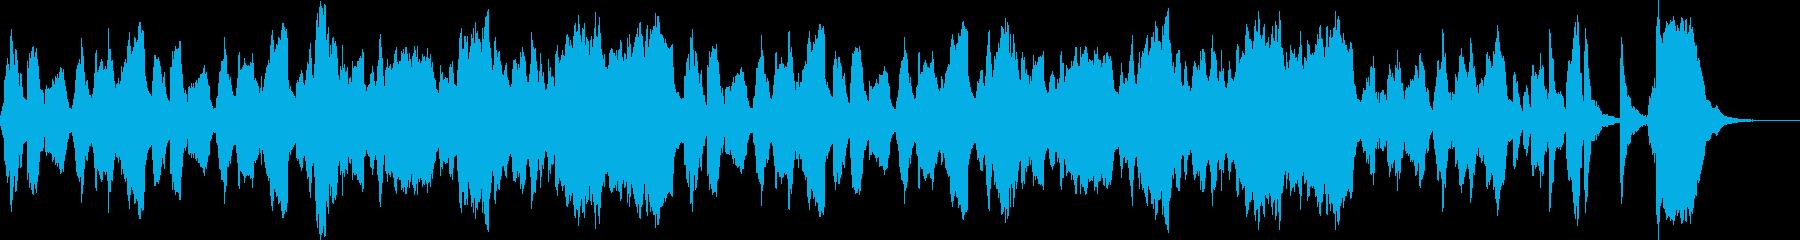 胡散臭い人のテーマ曲の再生済みの波形